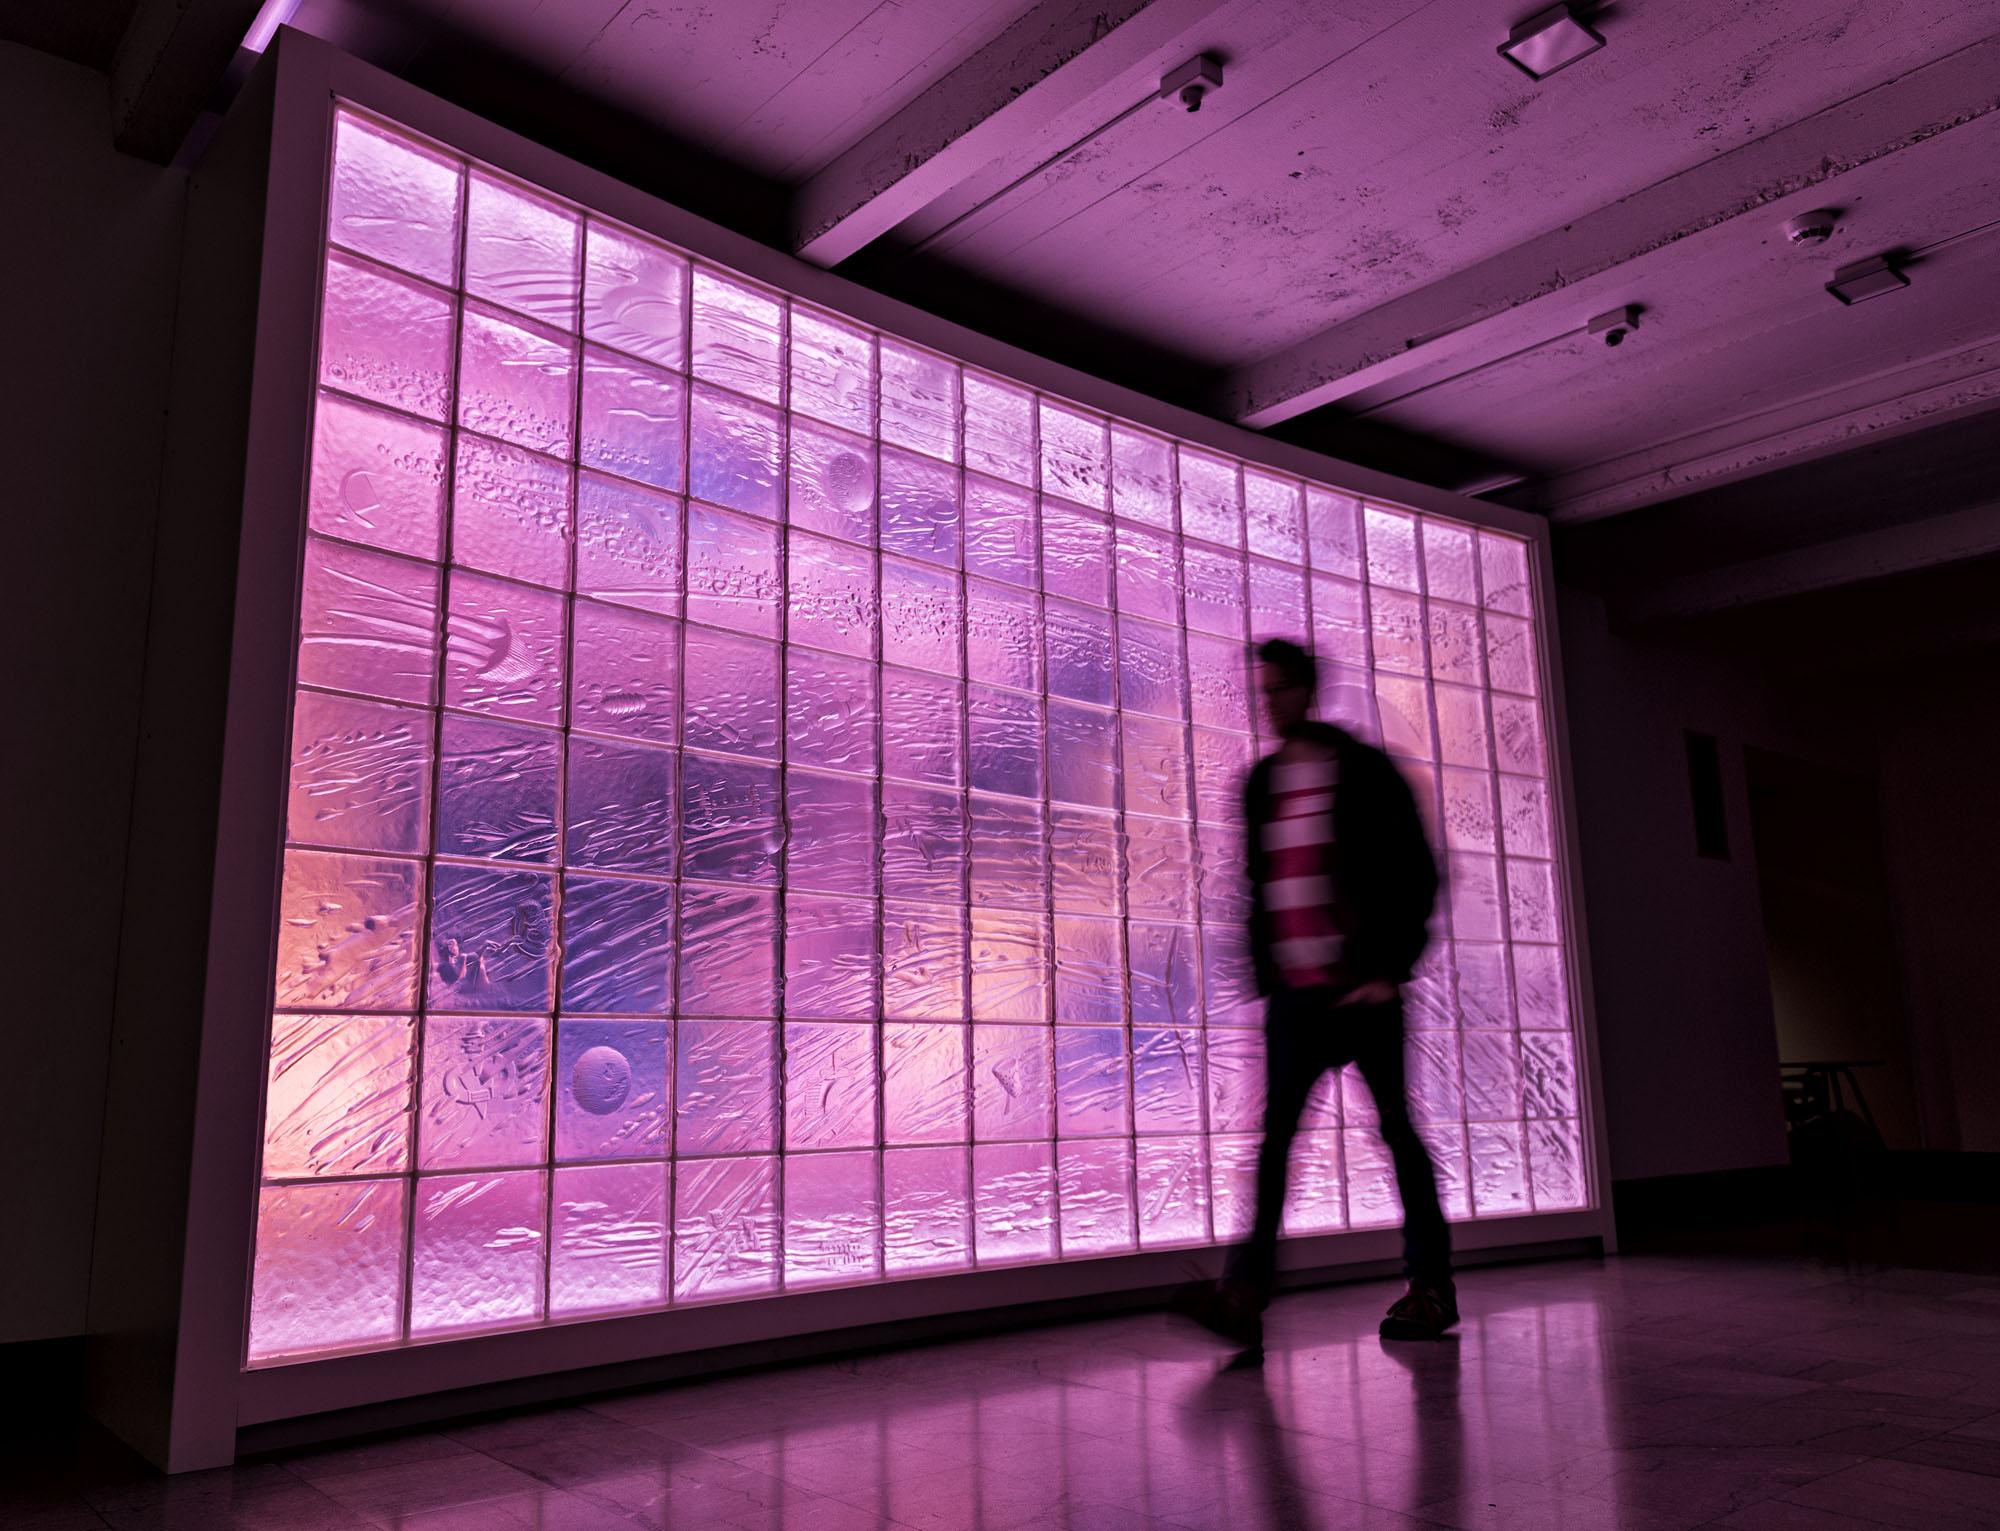 Orbit   1987. Cast glass, paint on board, steel. 9 x 16 feet. Toledo Museum of Art, Toledo, OH.